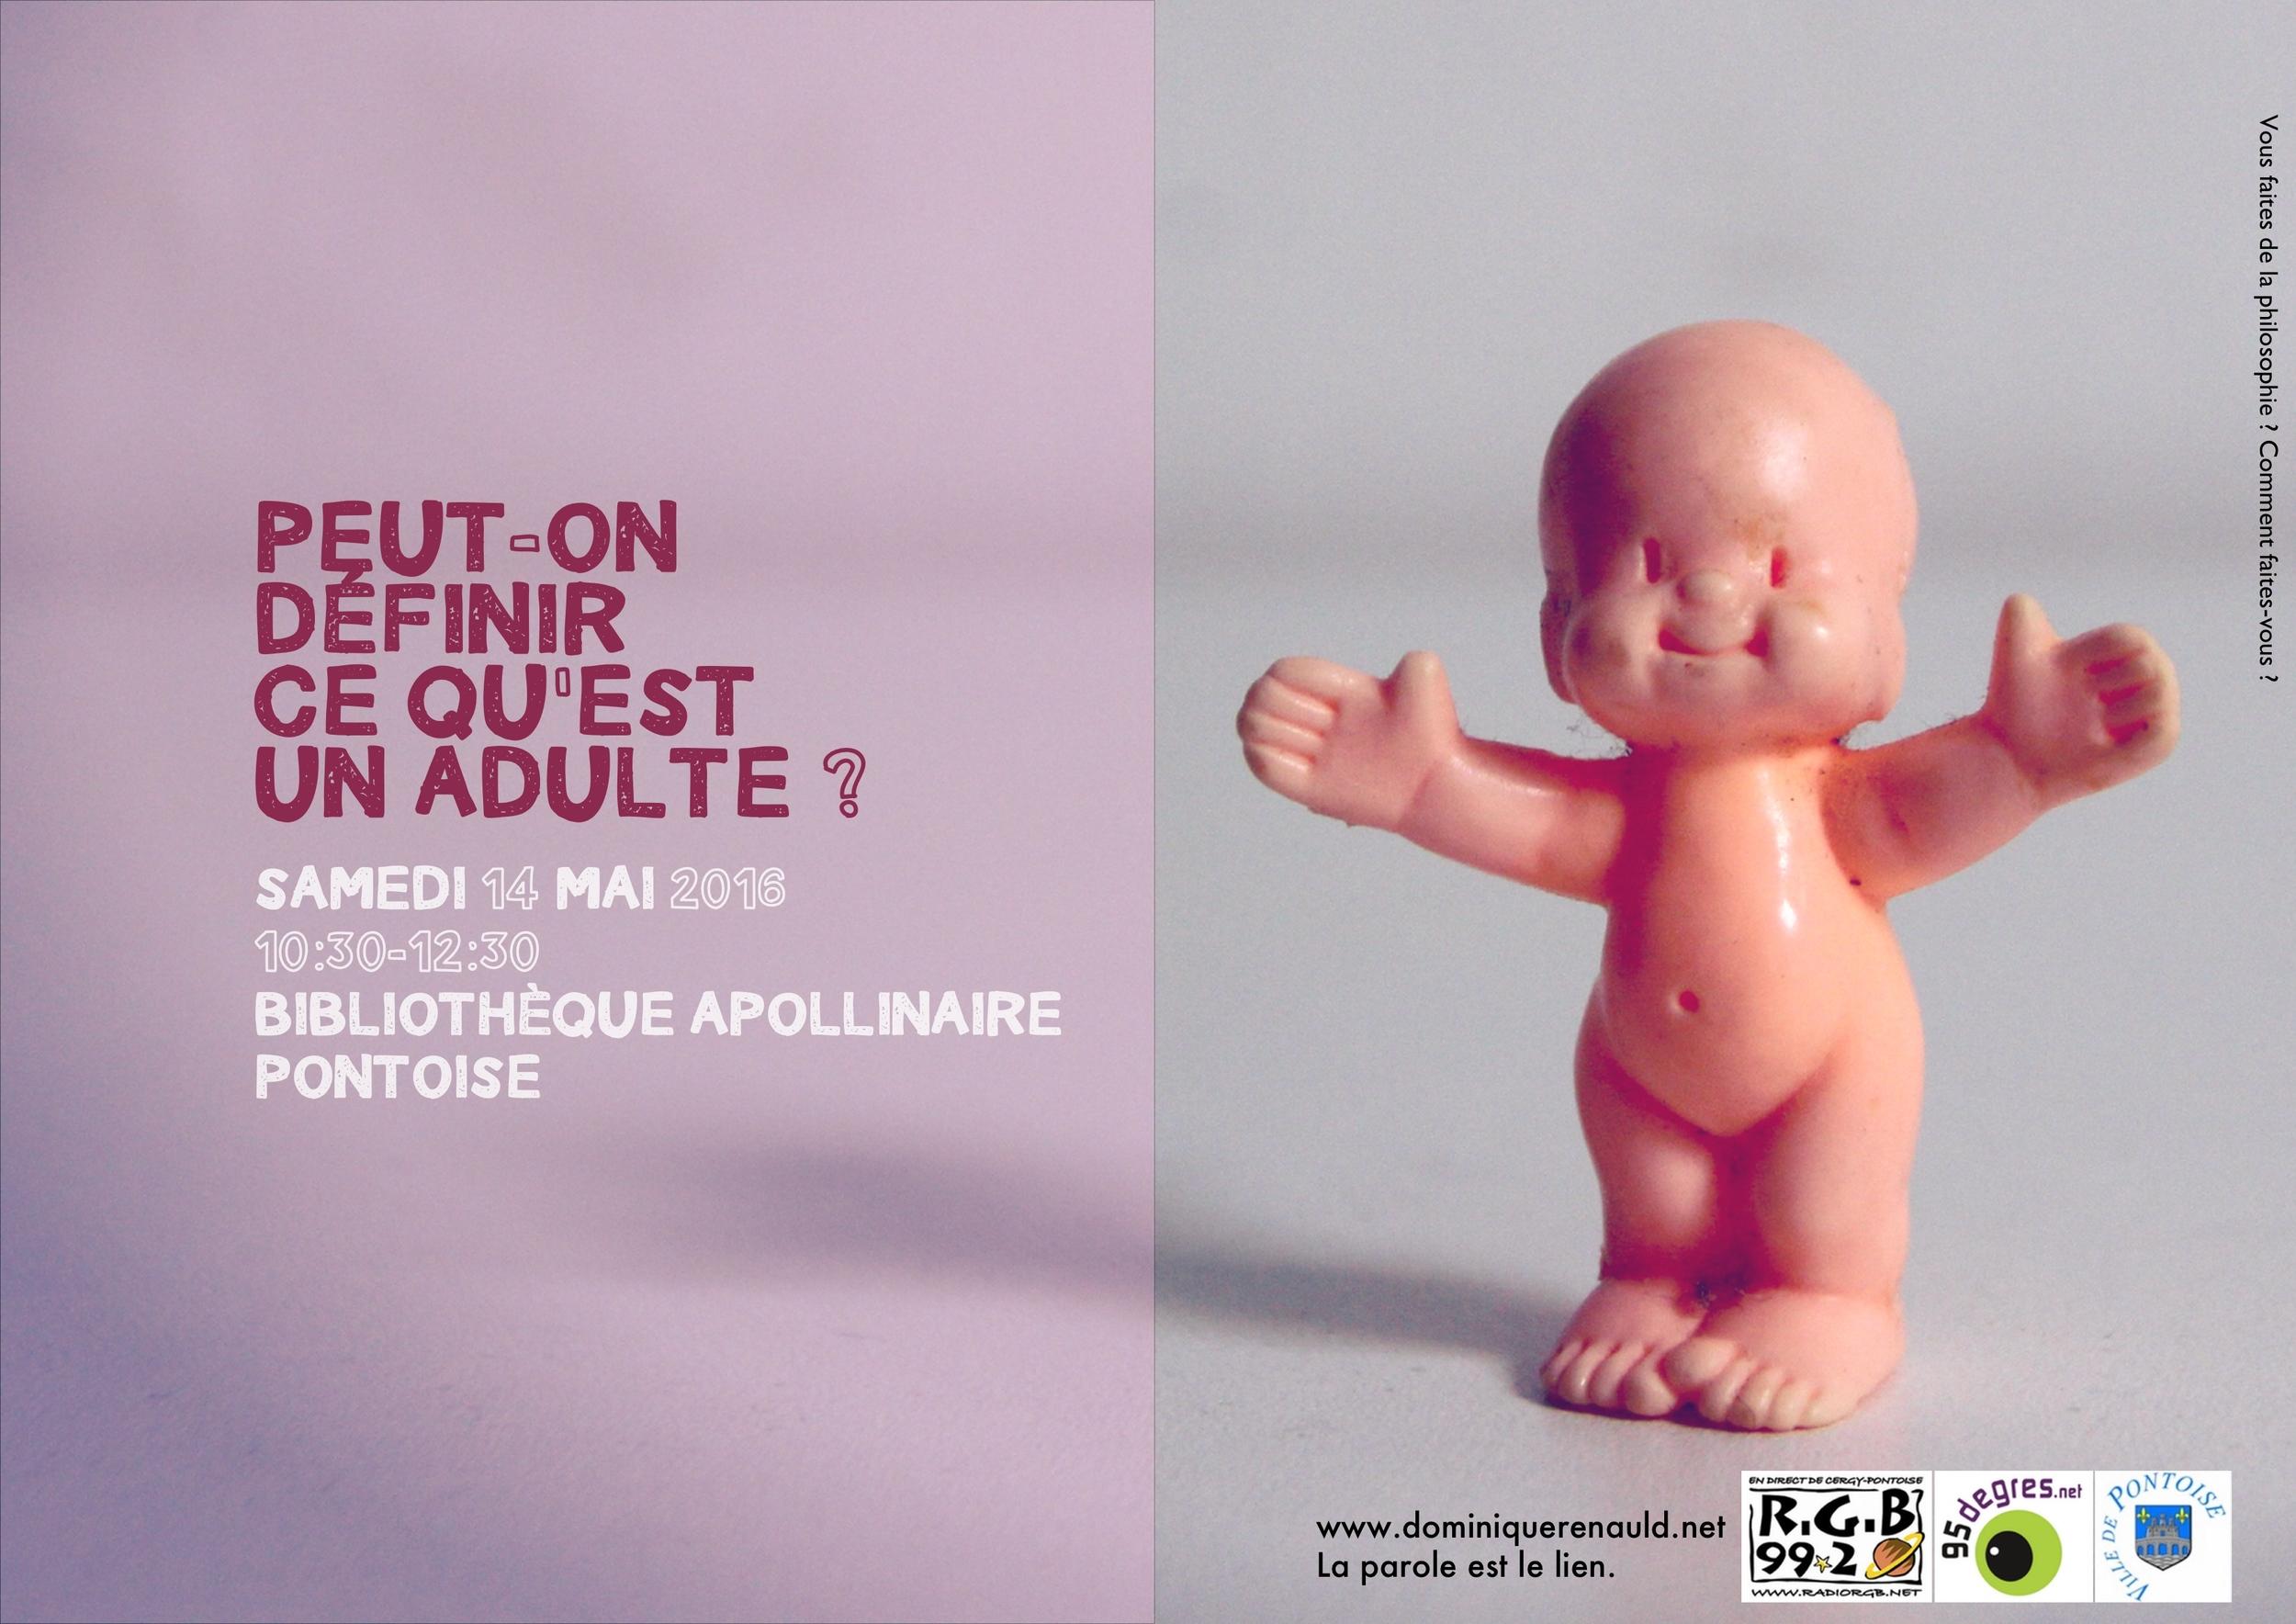 Peut-on définir ce qu'est un adulte ? - copie.jpg